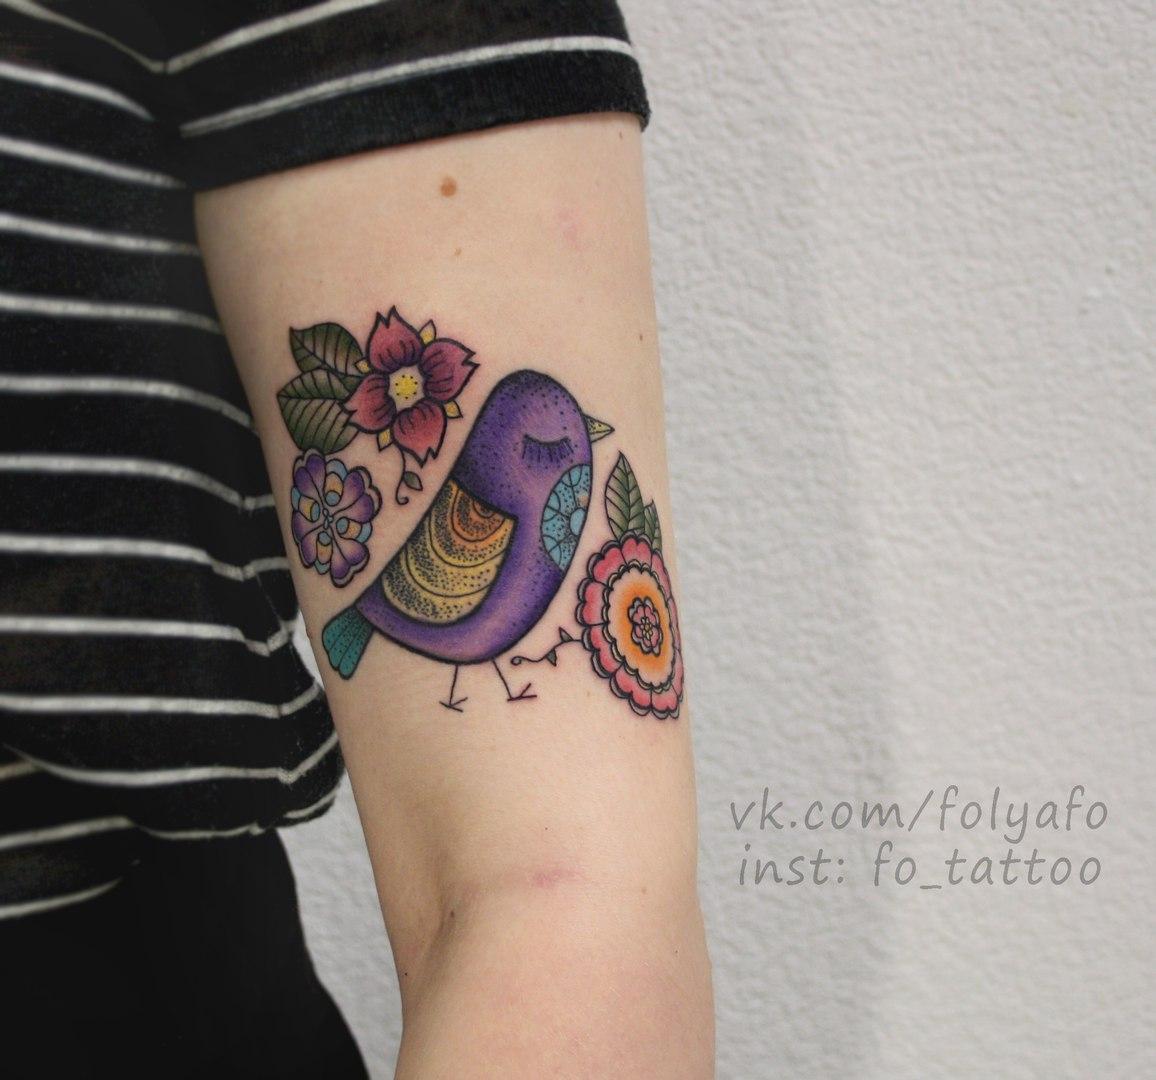 Птичка с цветами расположена на руке. Цветная татуировка.